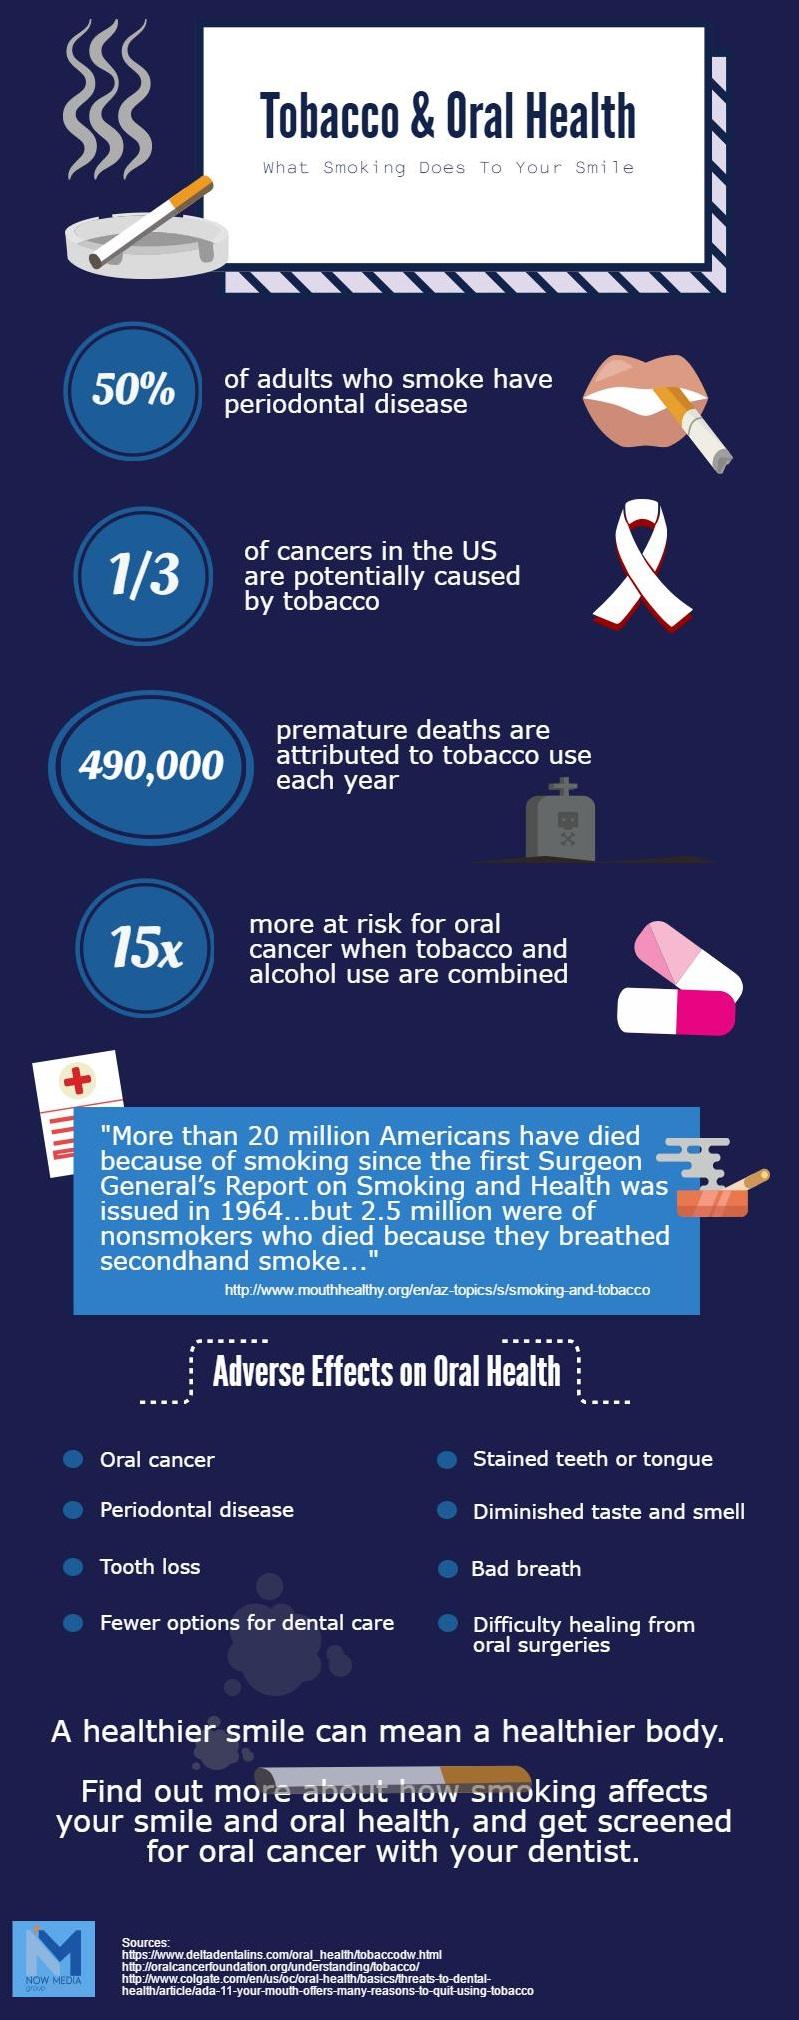 smokingconsequences (1)